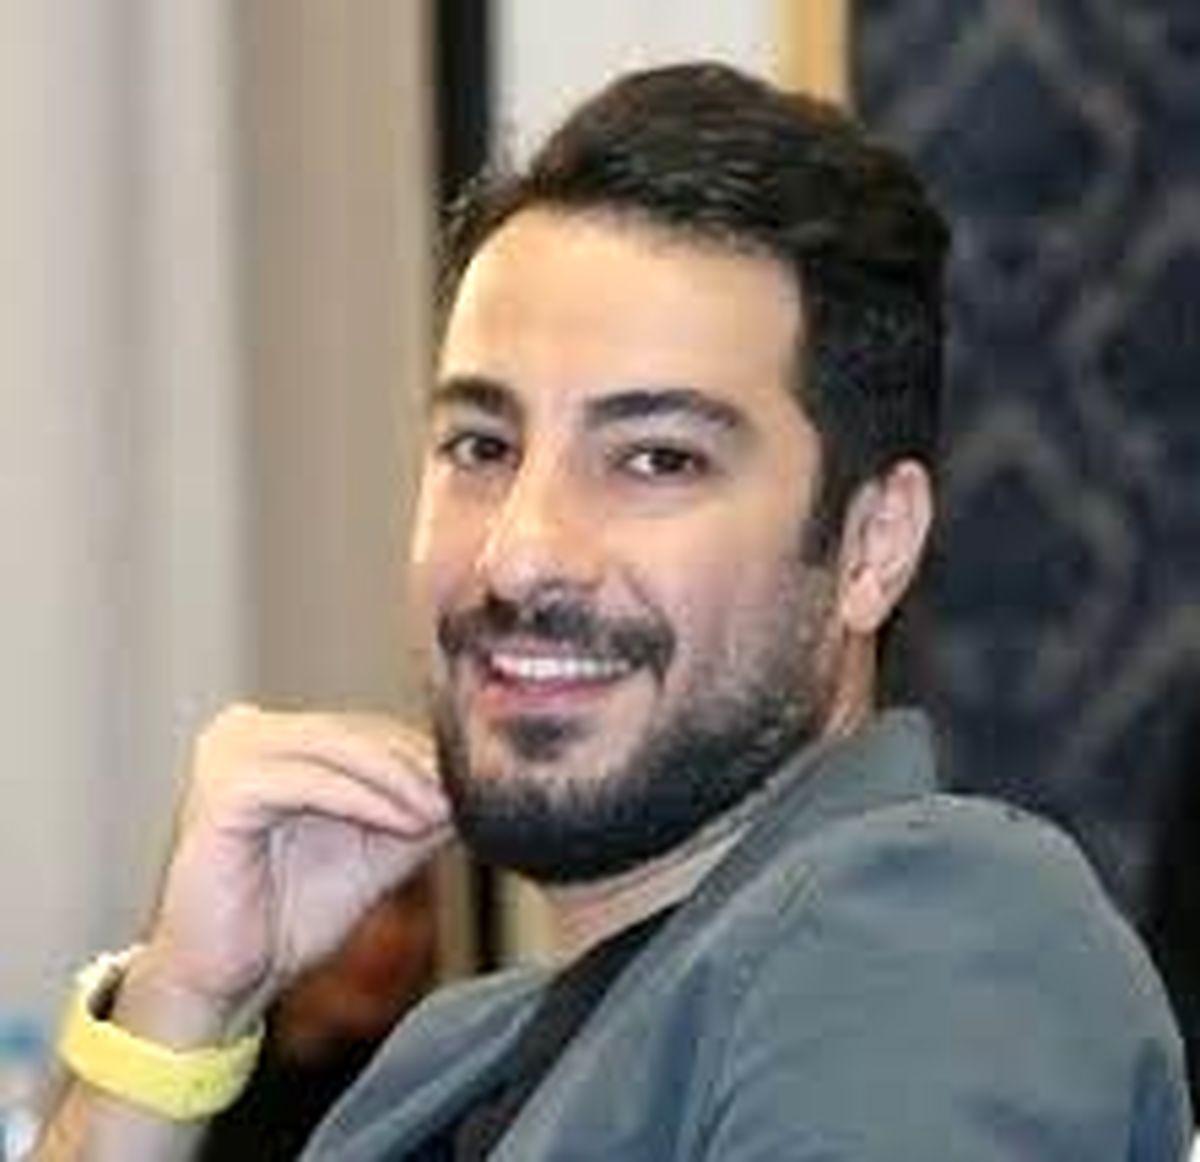 نوید محمد زاده بازیگر خوش آتیه تئاتر + جزئیات